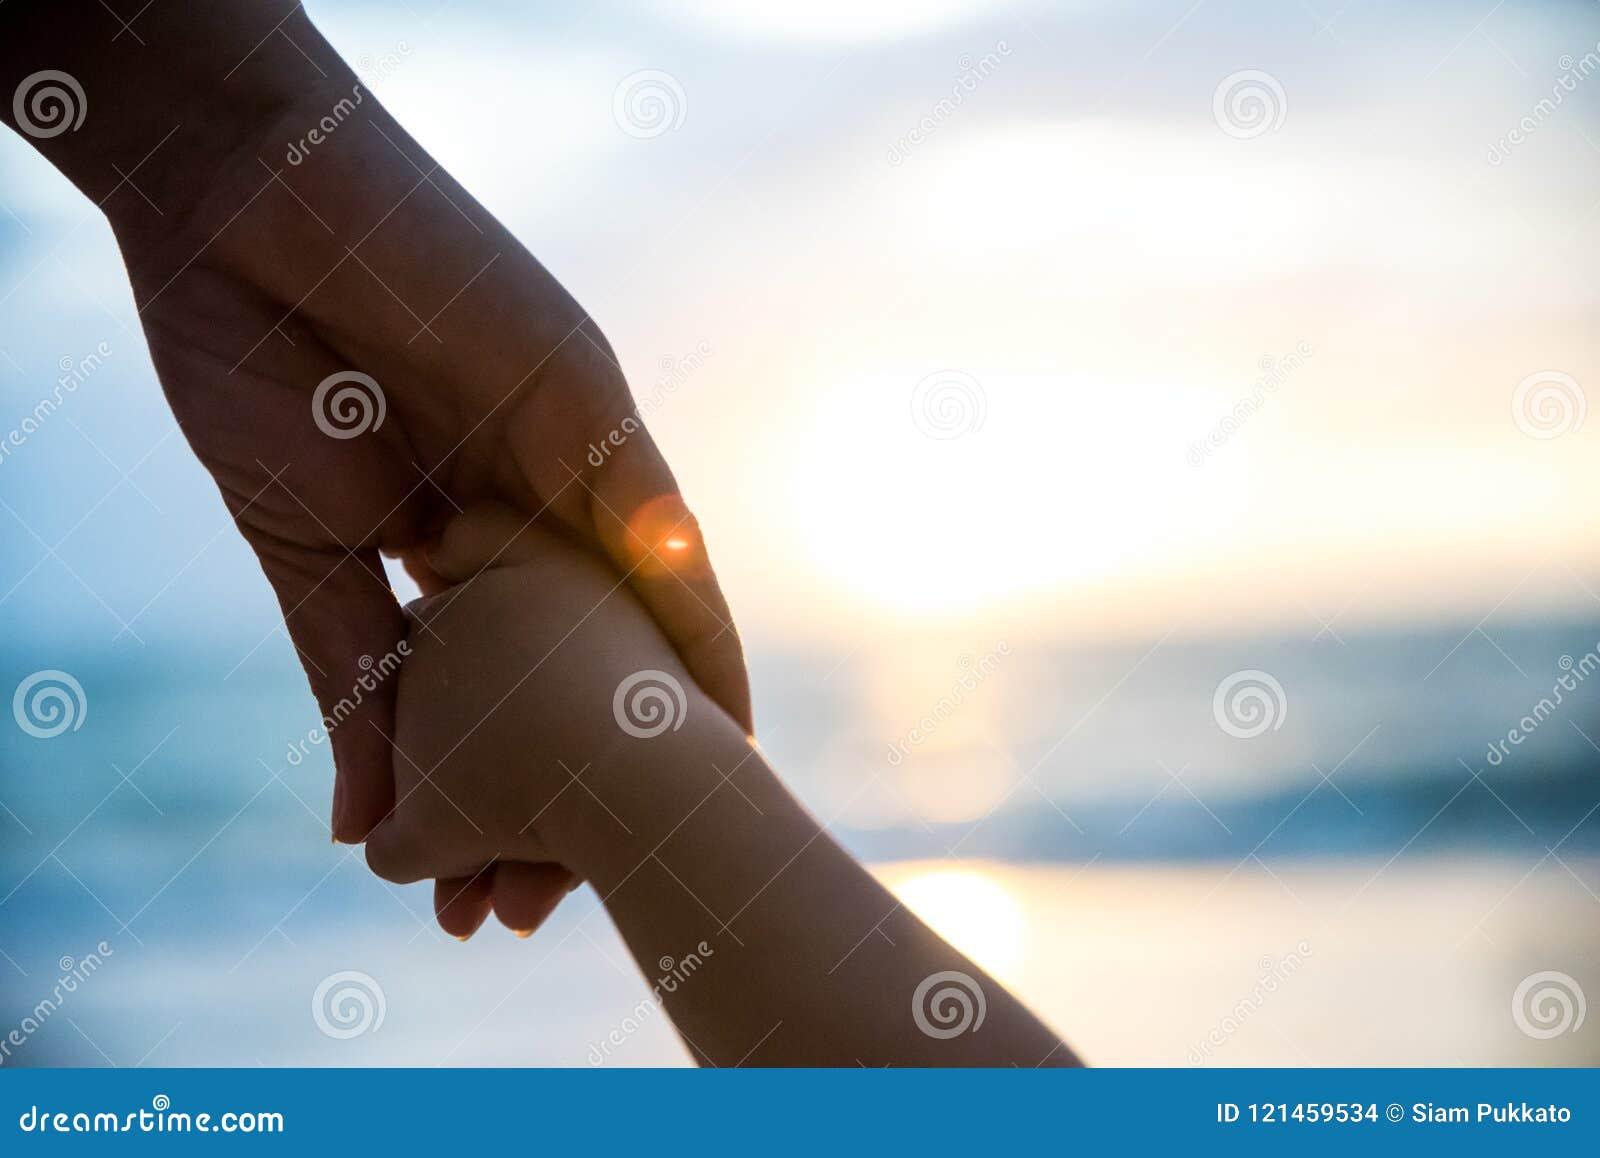 Miękki ostrość rodzica chwyt małe dziecko ręka podczas zmierzchu